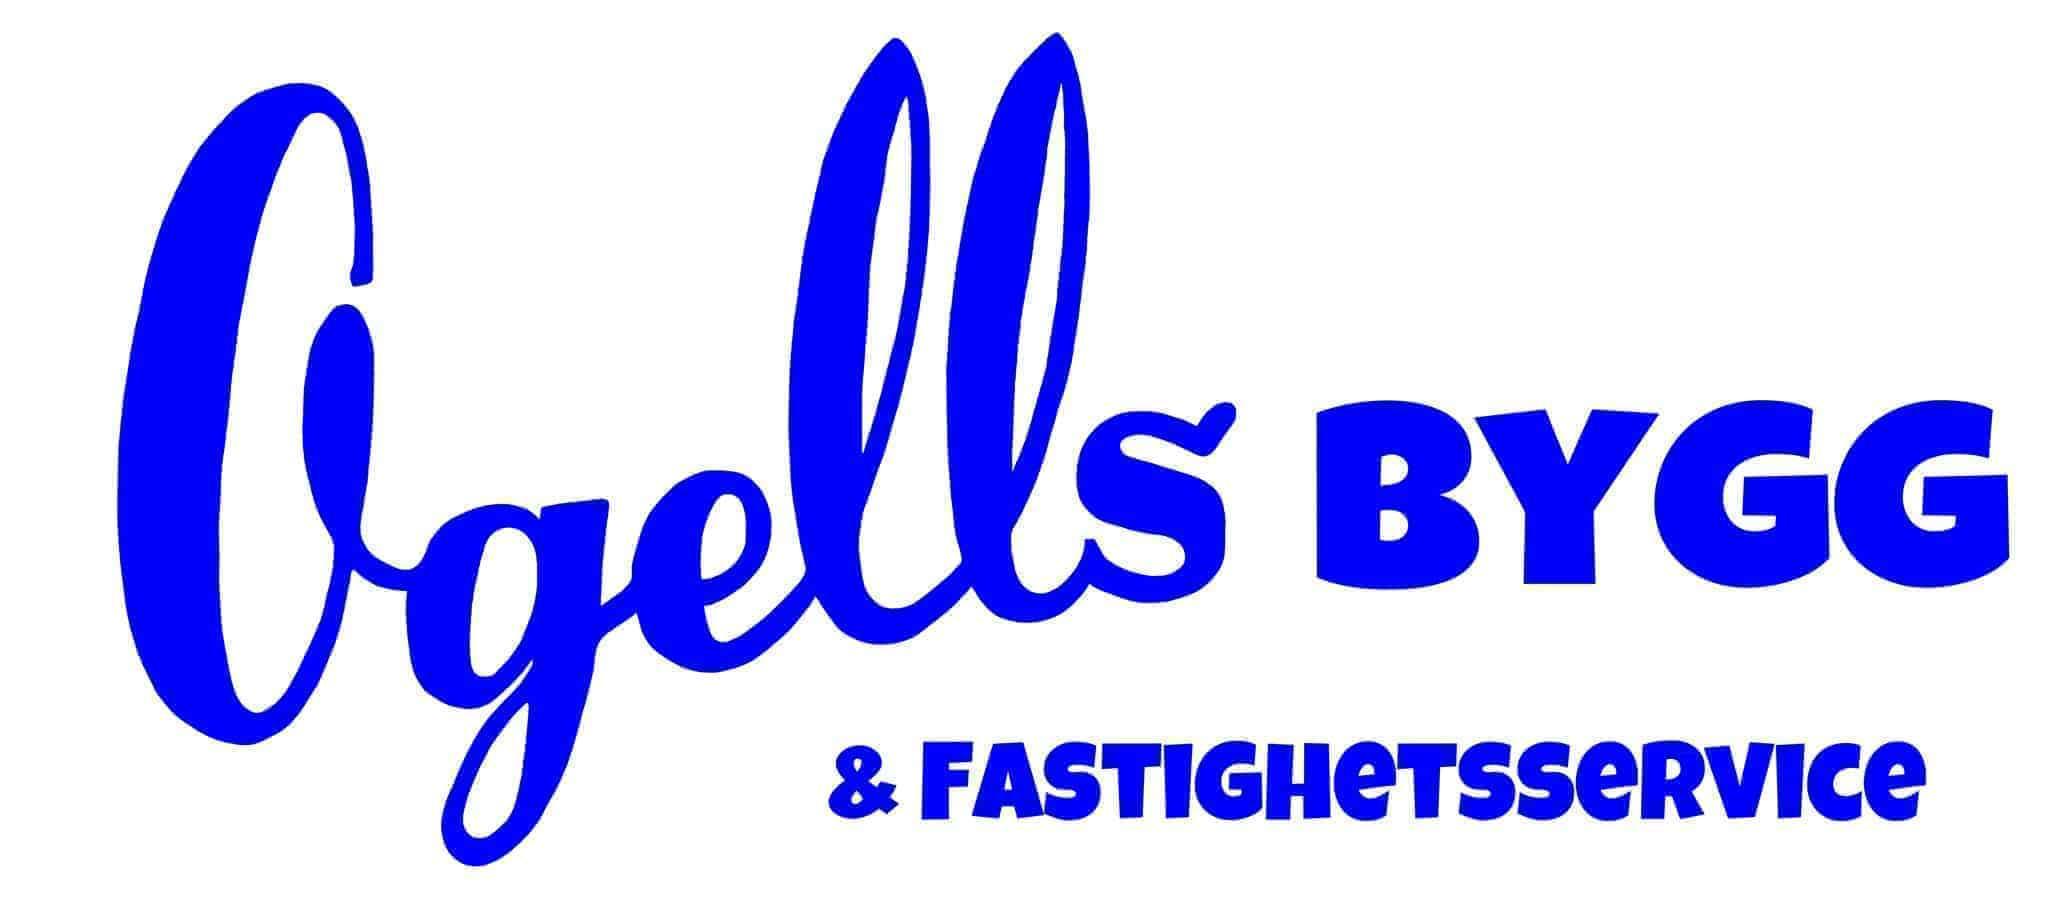 Logotyp för Ogells Bygg & Fastighetsservice